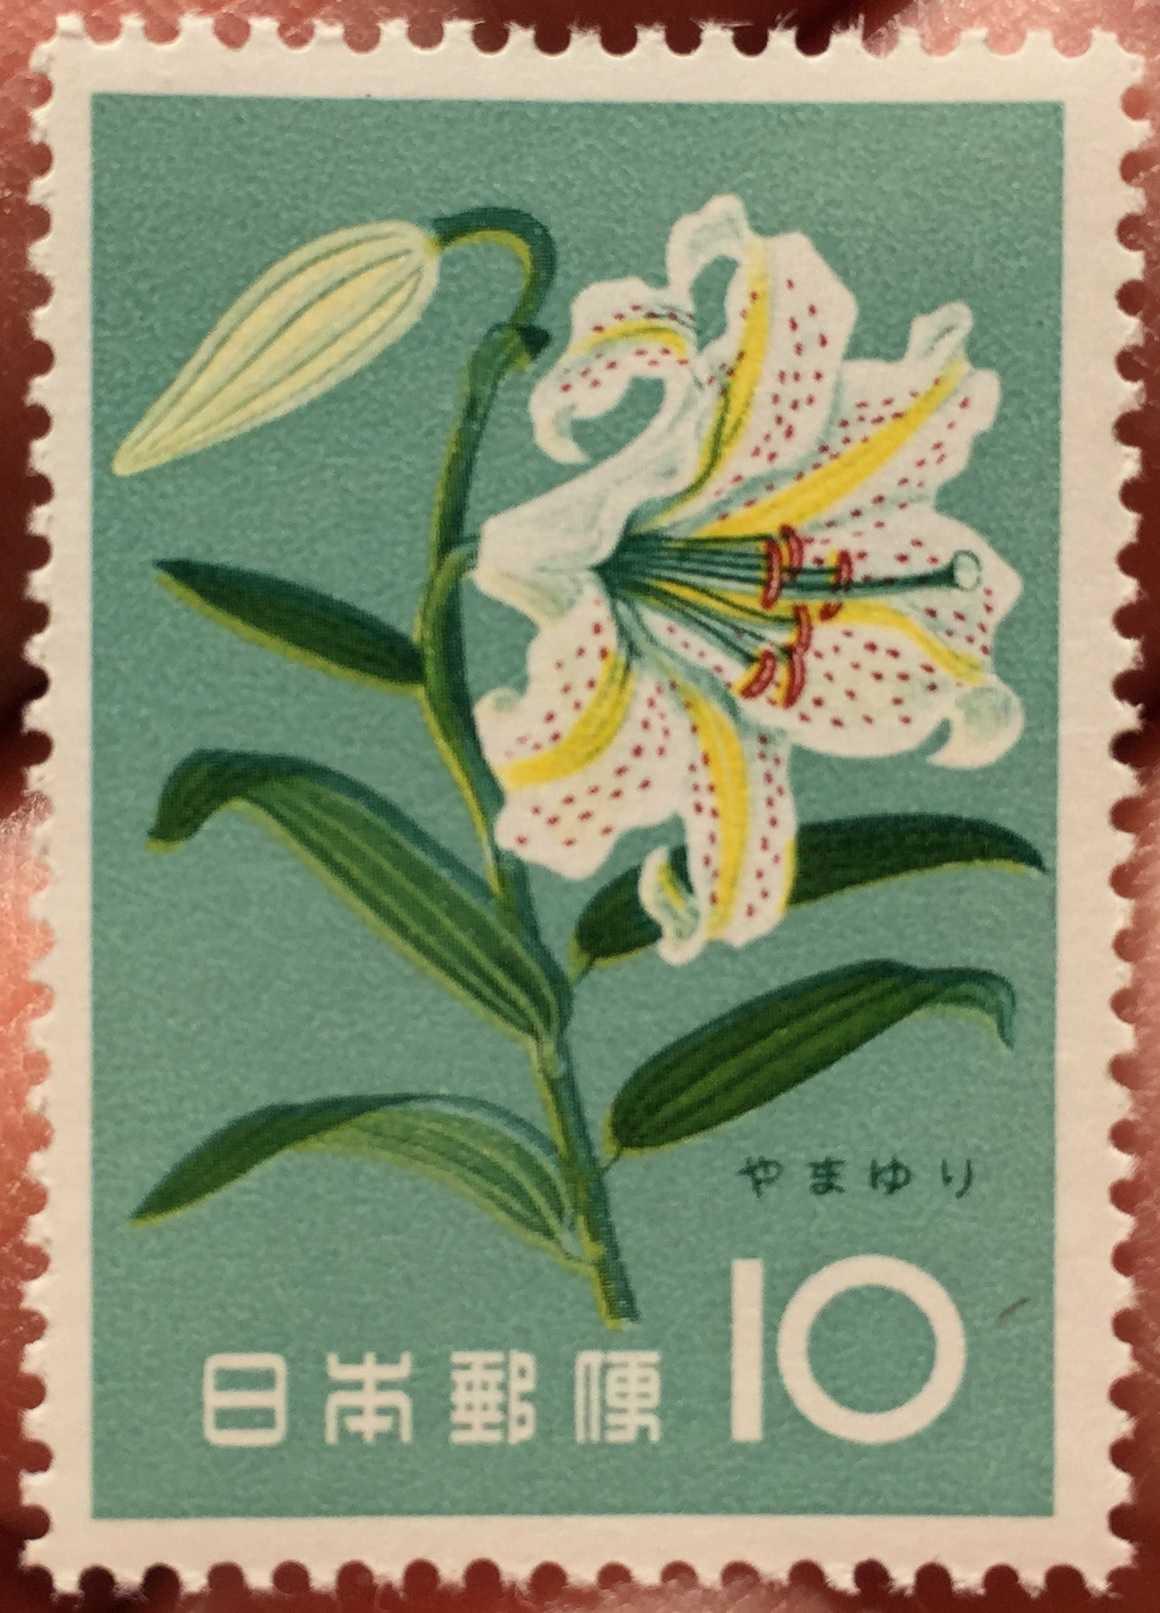 図柄: やまゆり 花シリーズ切手 発行日:昭和36年7月15日(1961年)